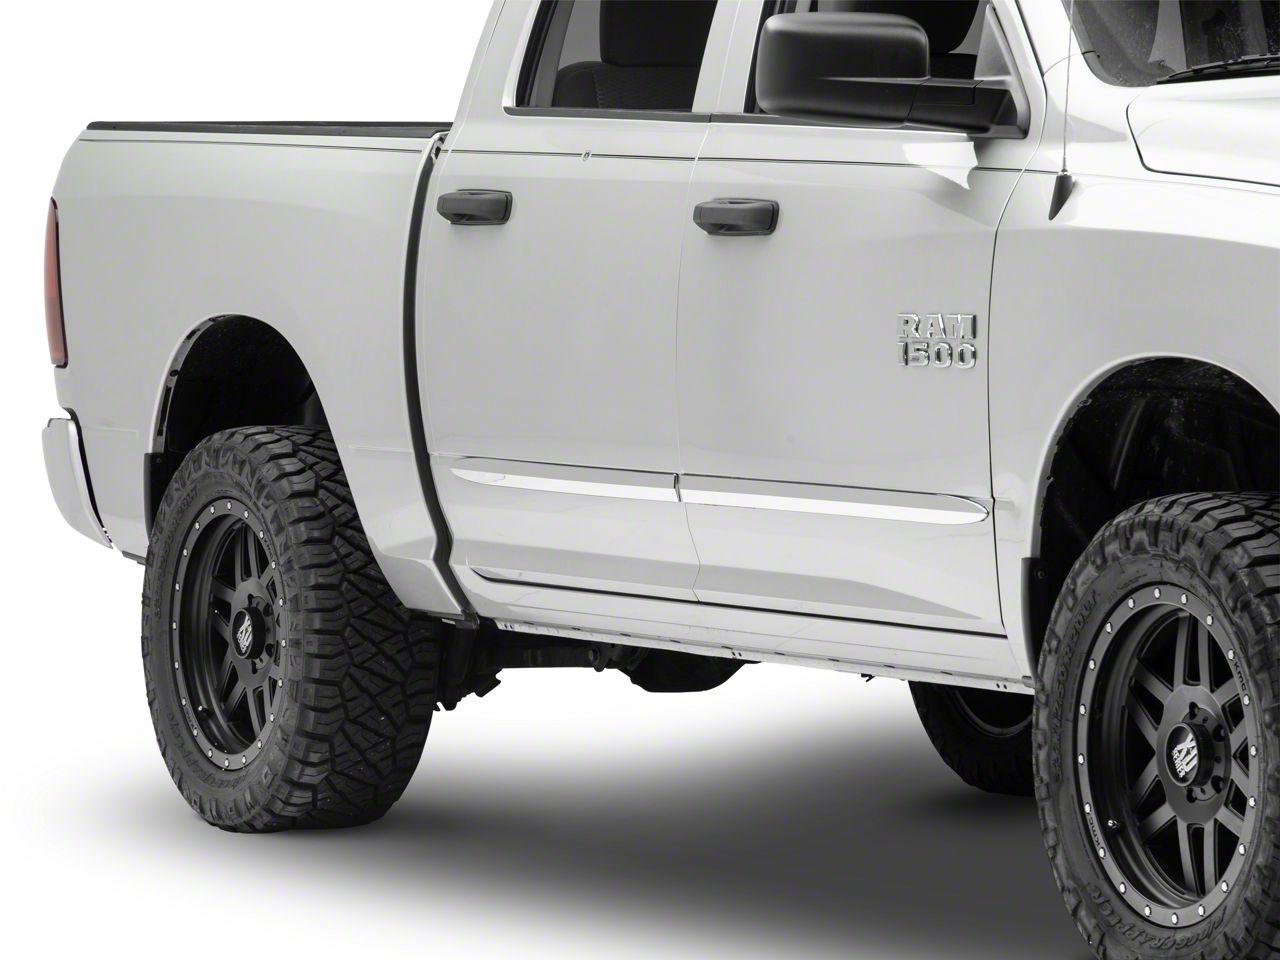 ABS Chrome Bodyside Moldings (09-18 RAM 1500 Quad Cab, Crew Cab)